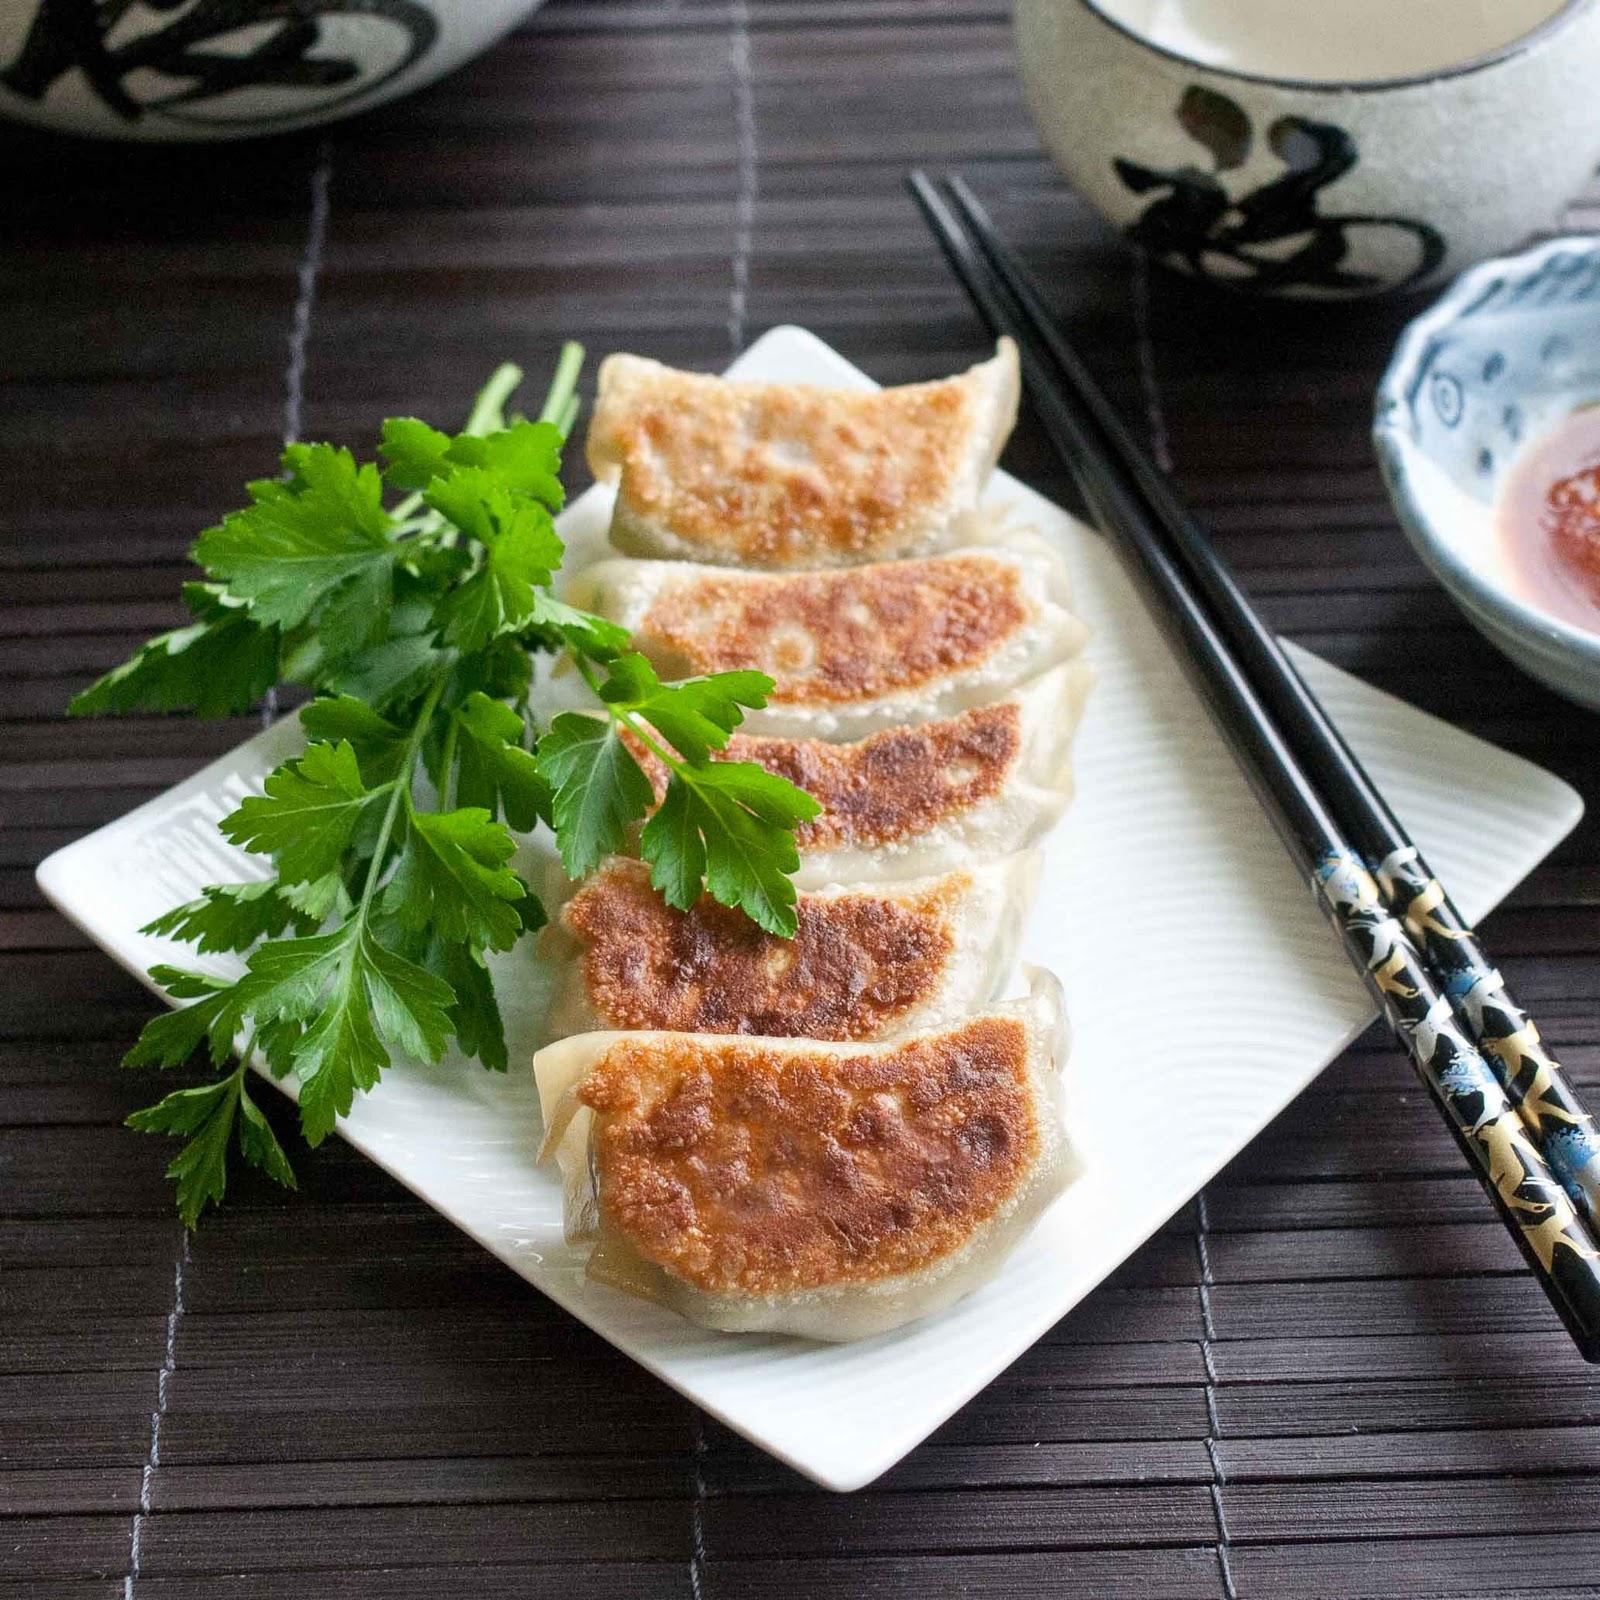 FOODjimoto: Gyoza - Japanese Dumplings